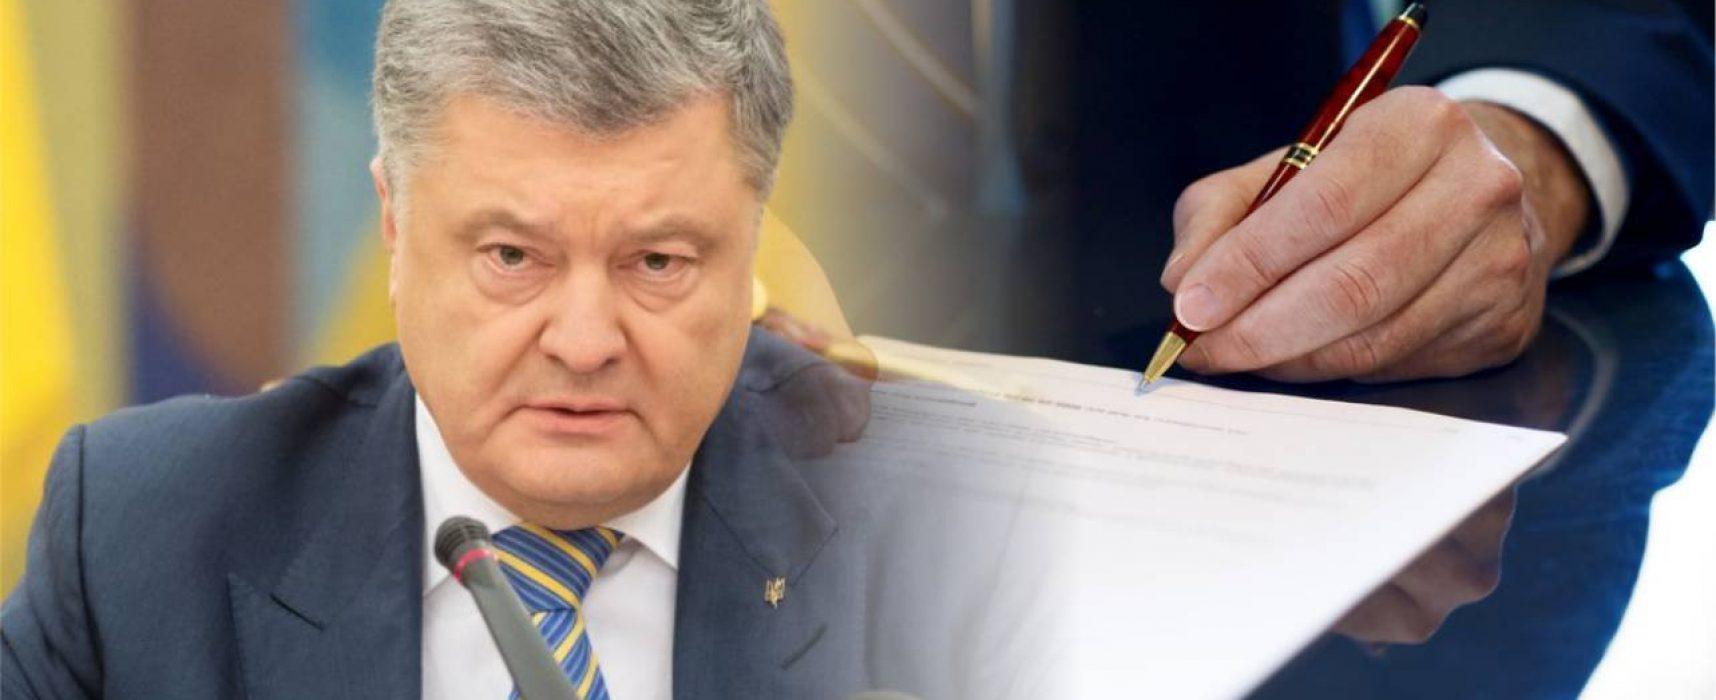 Фейк «Вестей недели»: Петр Порошенко намерен устроить геноцид